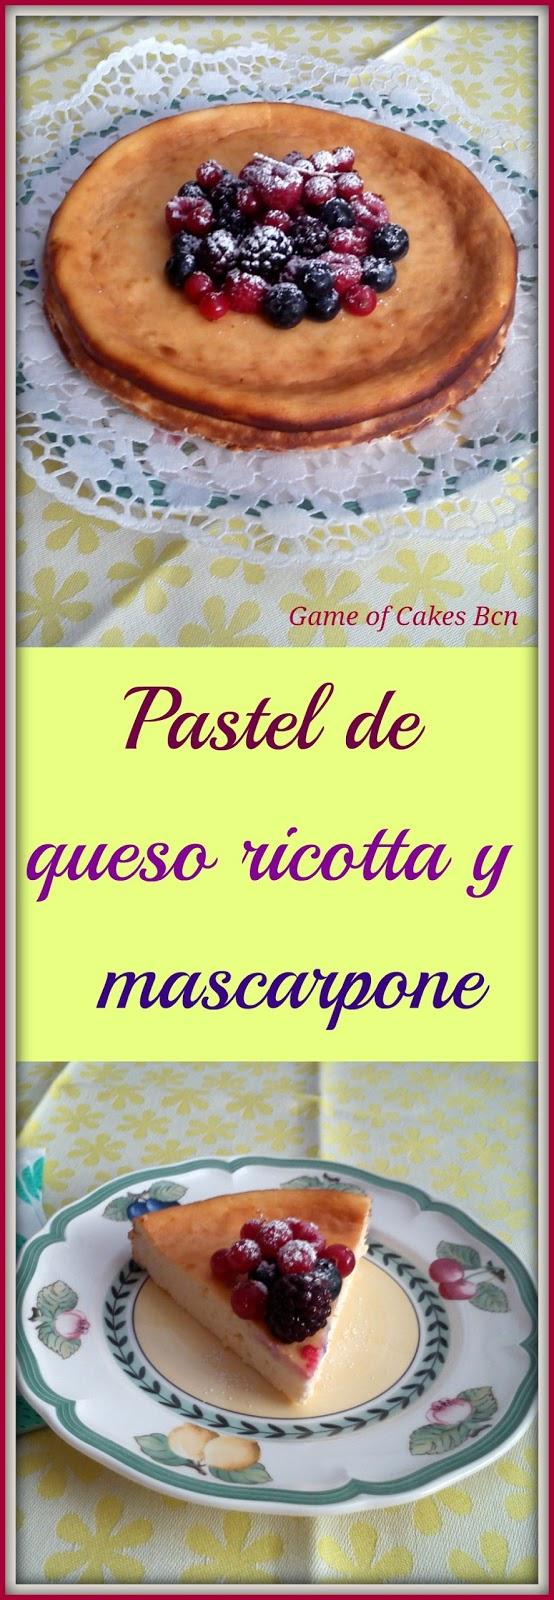 Varias fotos del Pastel de queso ricotta y mascarpone